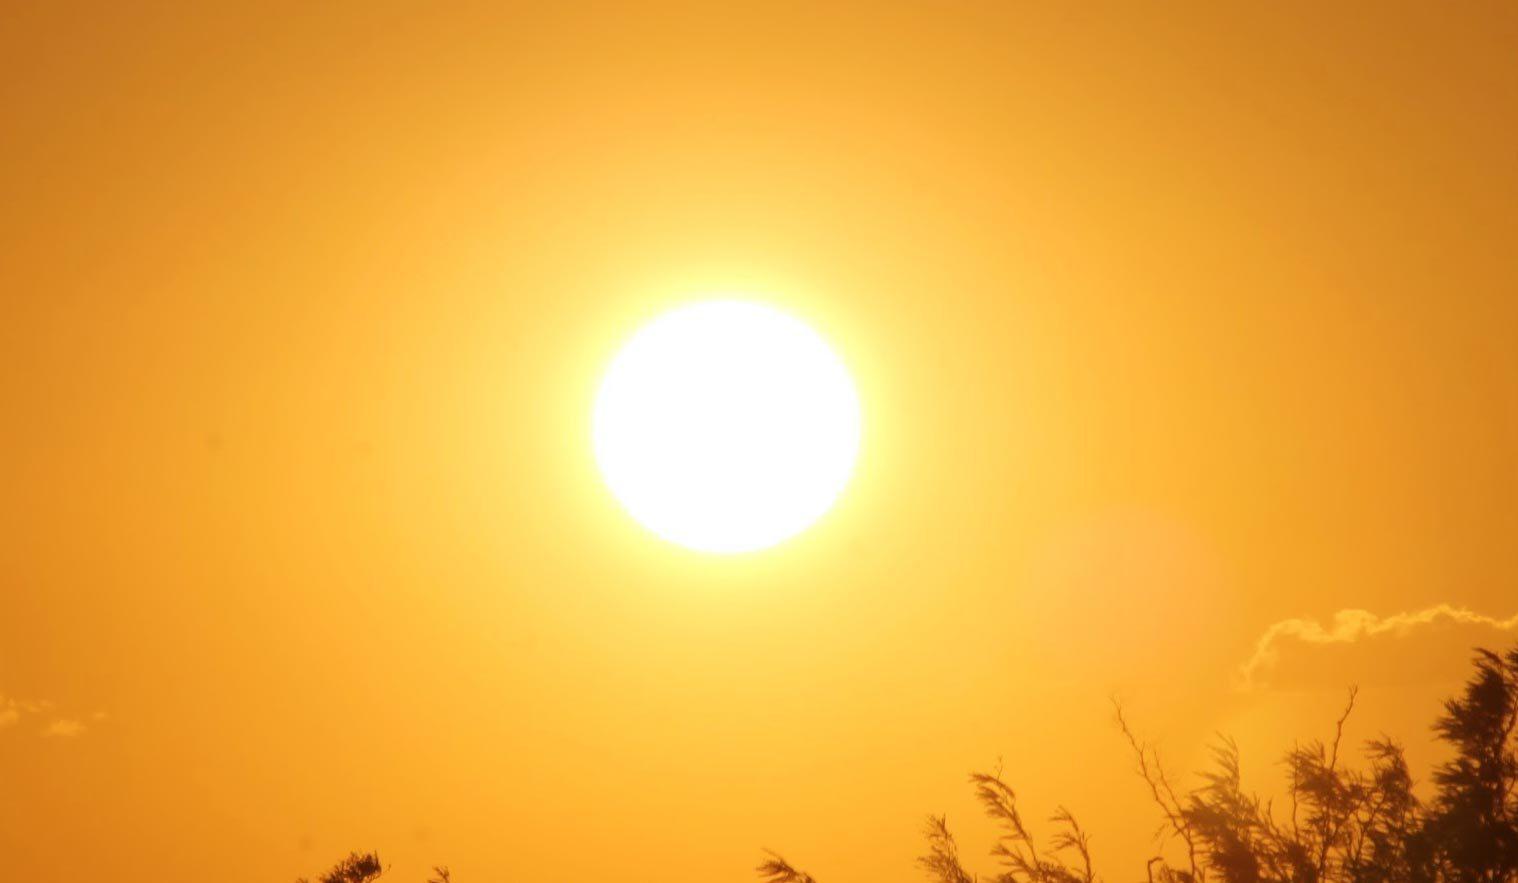 طقس السبت: حرارة وسحب غير مستقرة و زخات مطرية